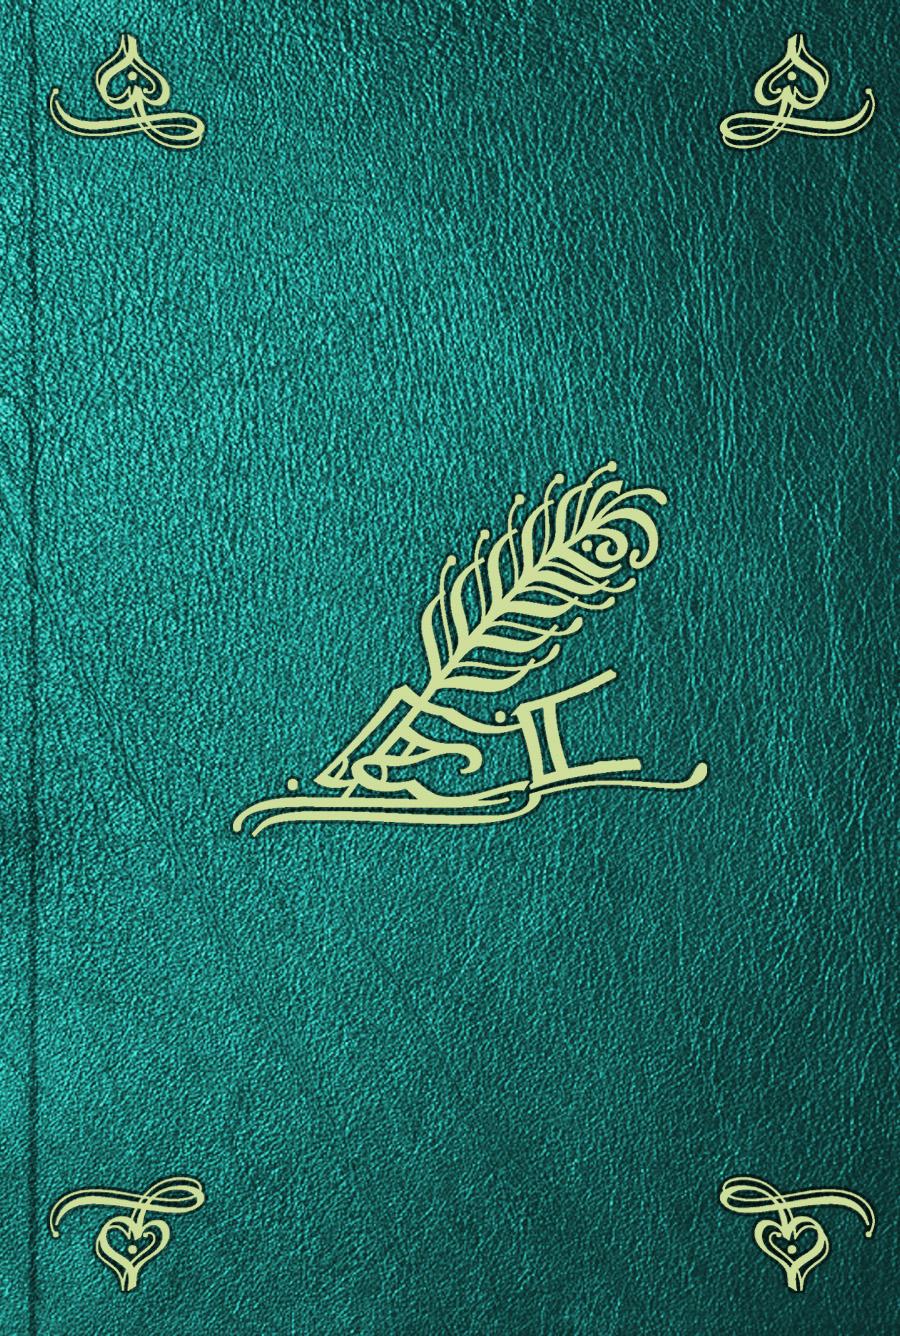 Отсутствует Книга о эксерциции церемониах и должностях воинским людем надлежащих адриенн фон шпайр раба господня книга о марии